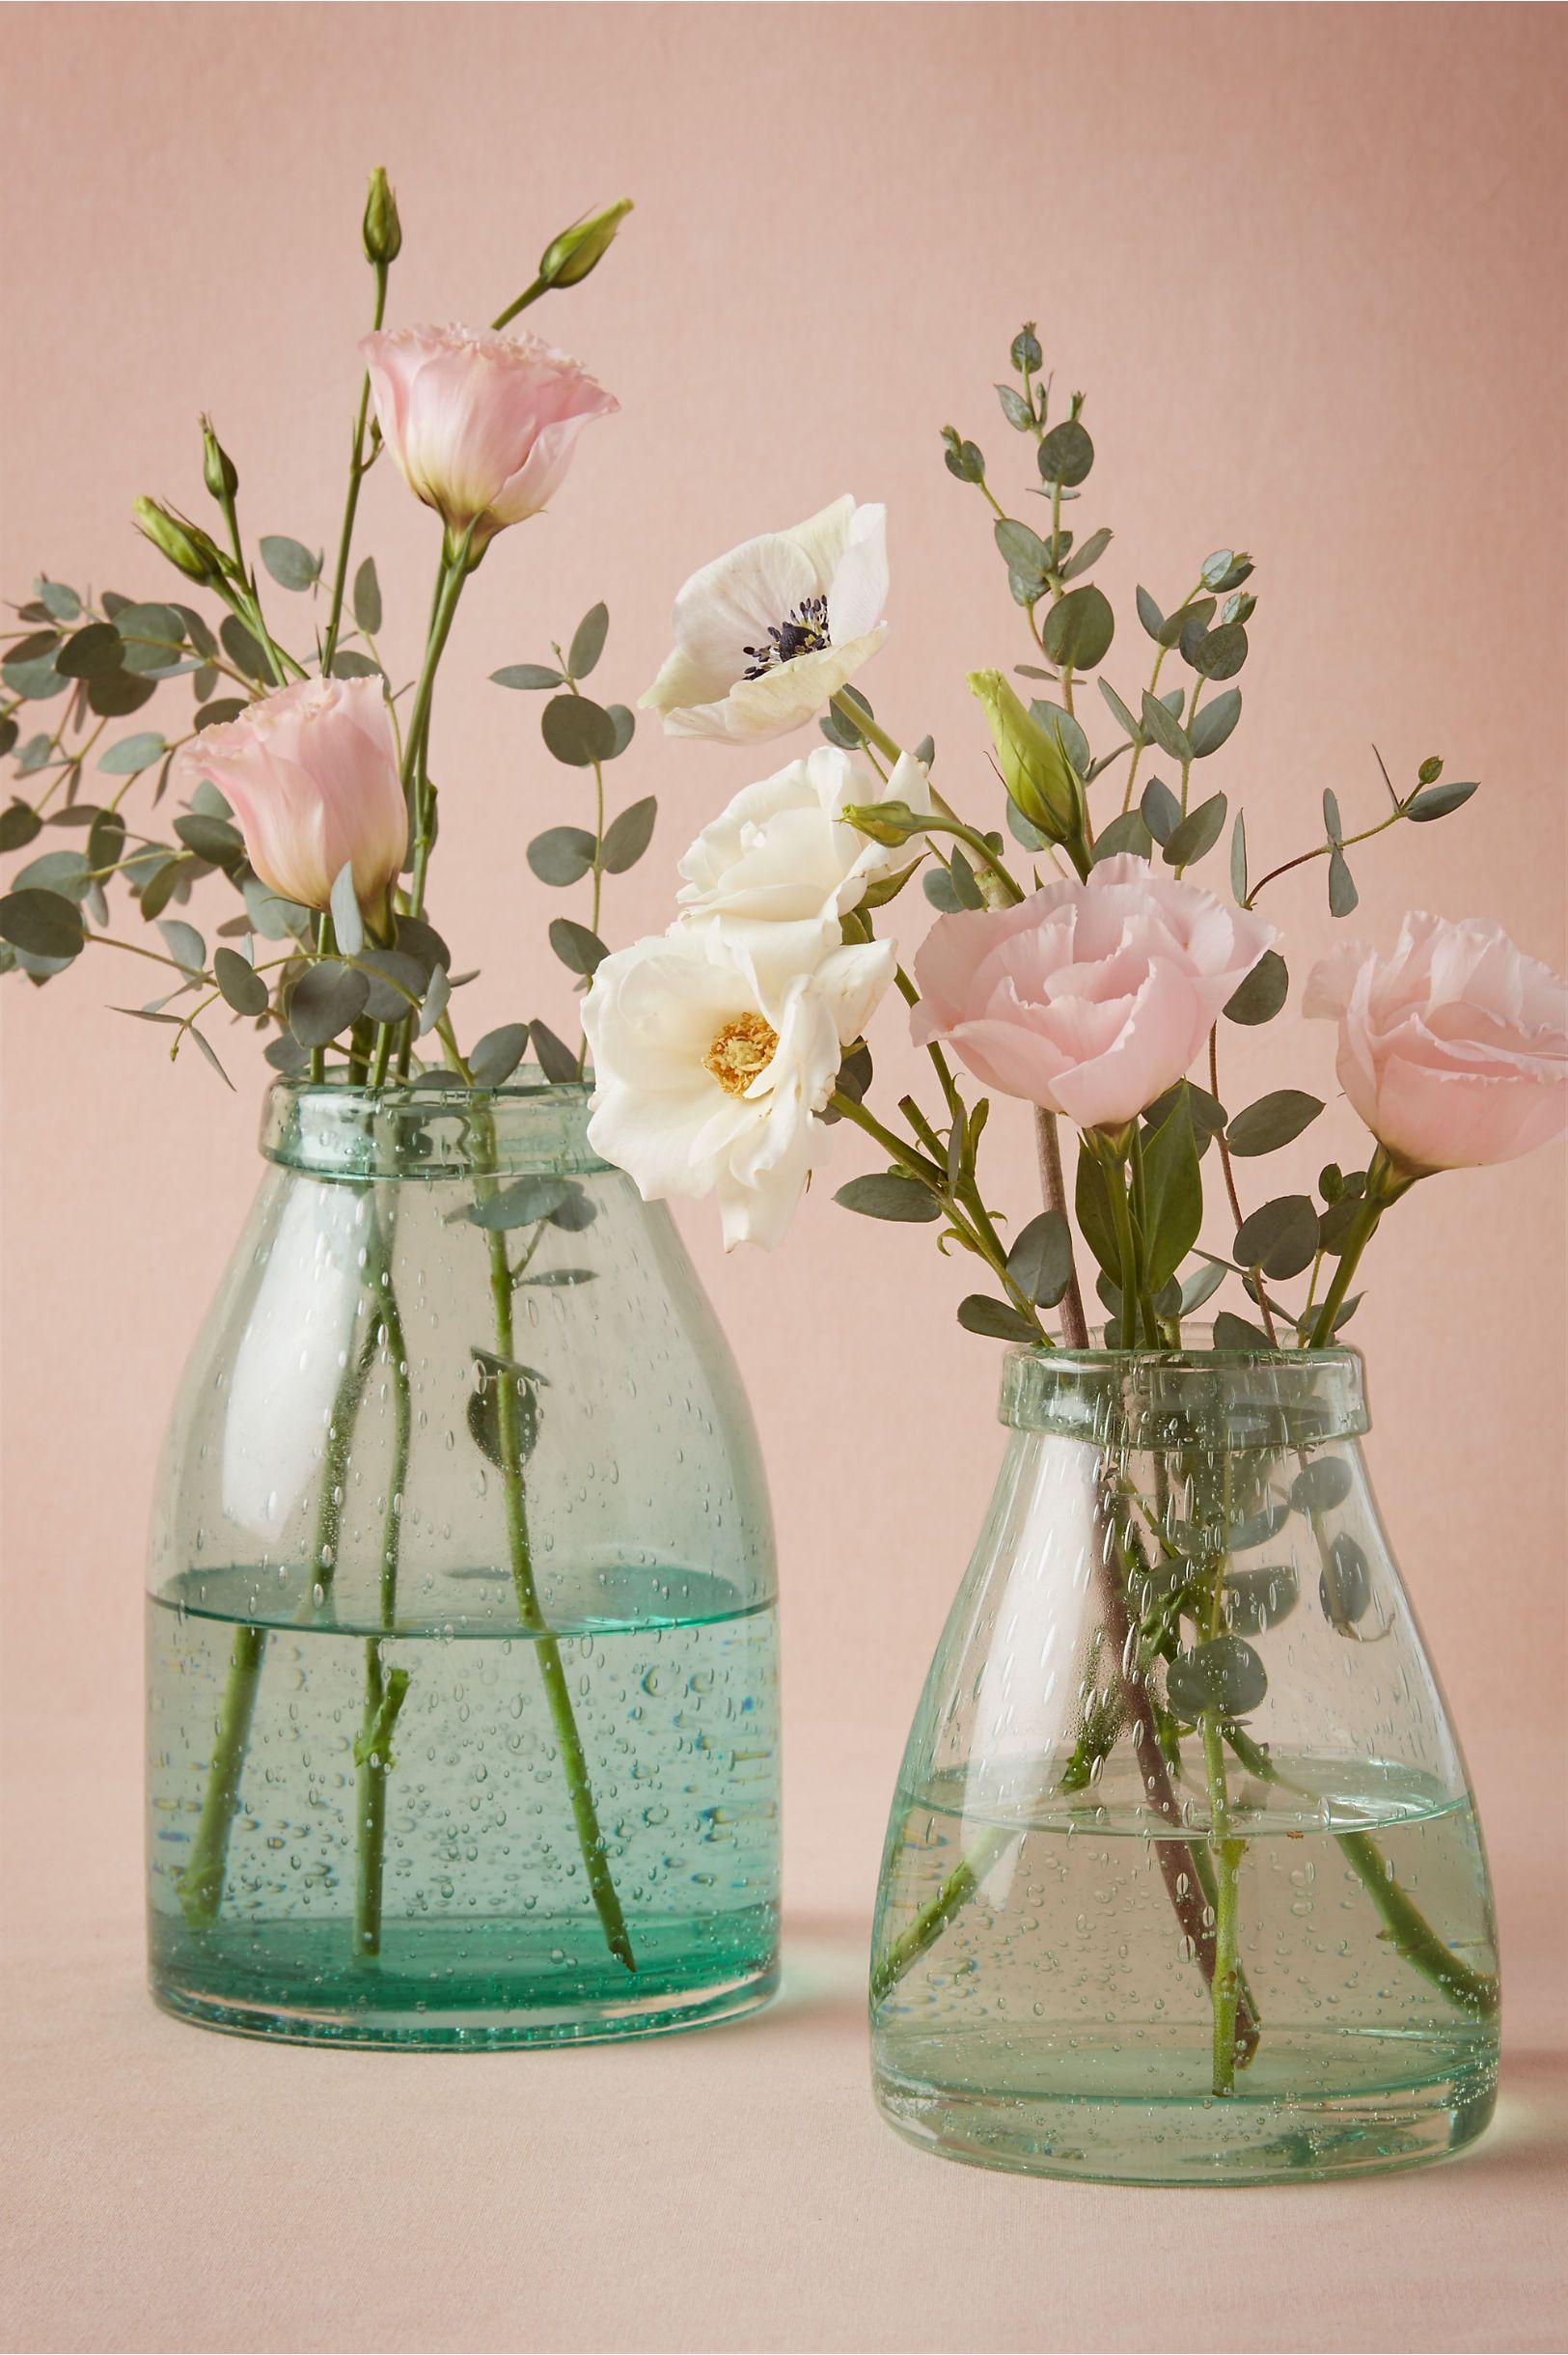 Shop The Look Wedding Pretties By Bhldn In 2020 Rose Vase Vase